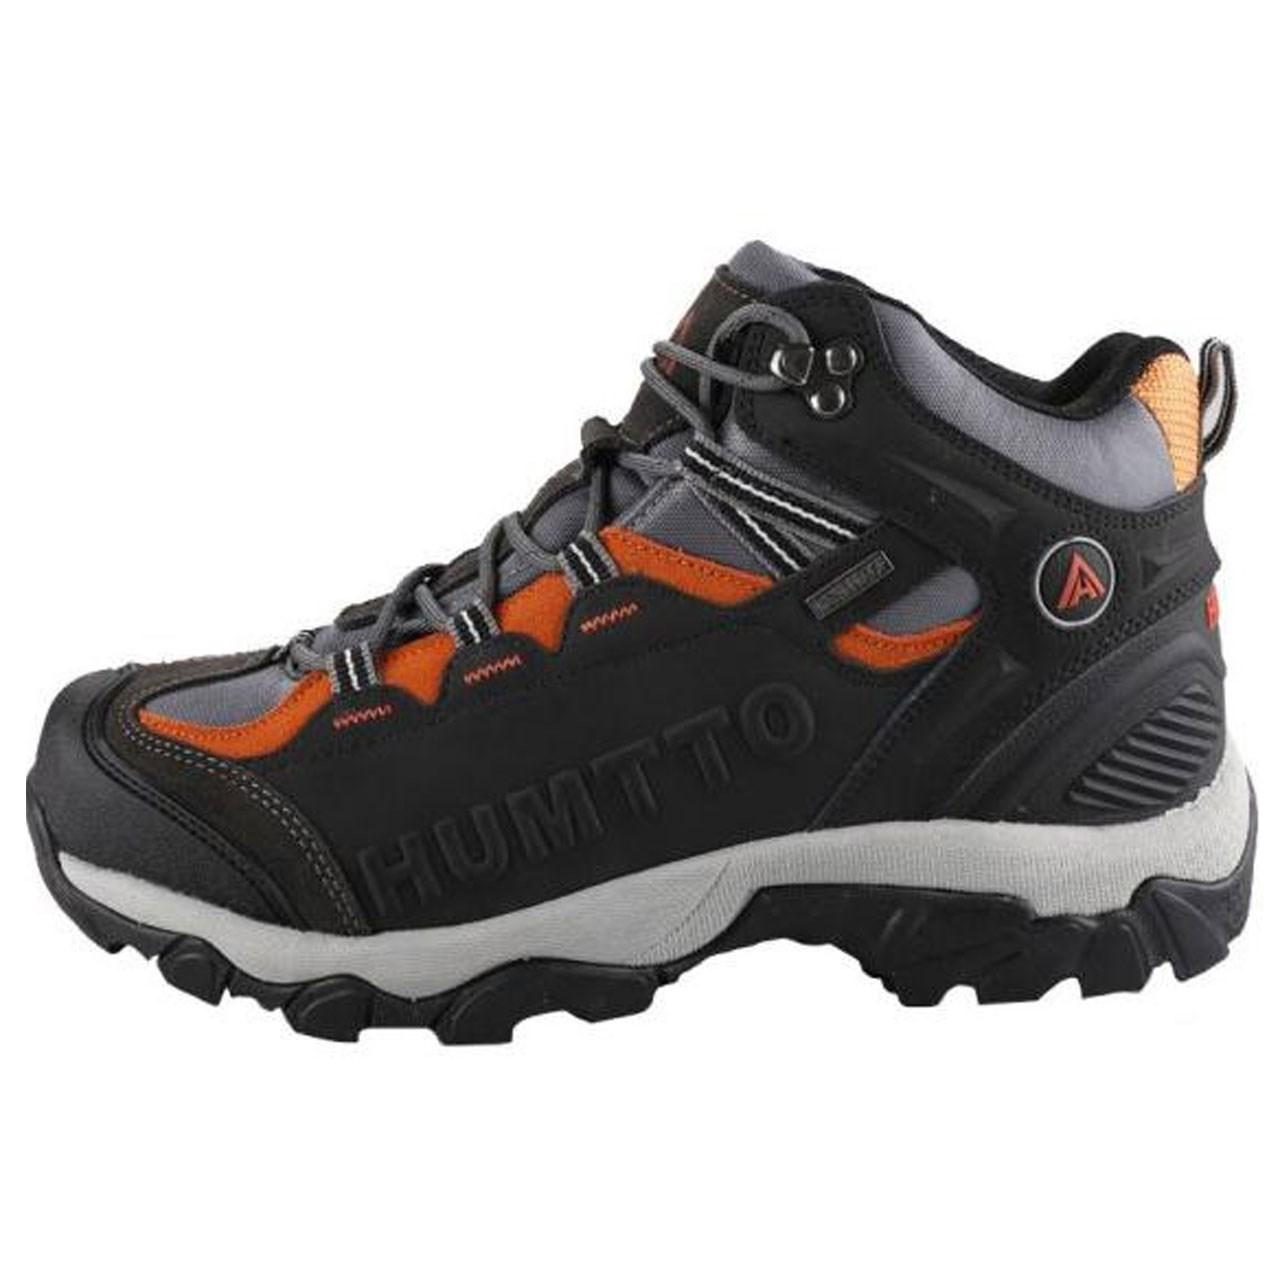 قیمت کفش مخصوص کوهنوردی مروانه مدل هامتو  کد 2-3908